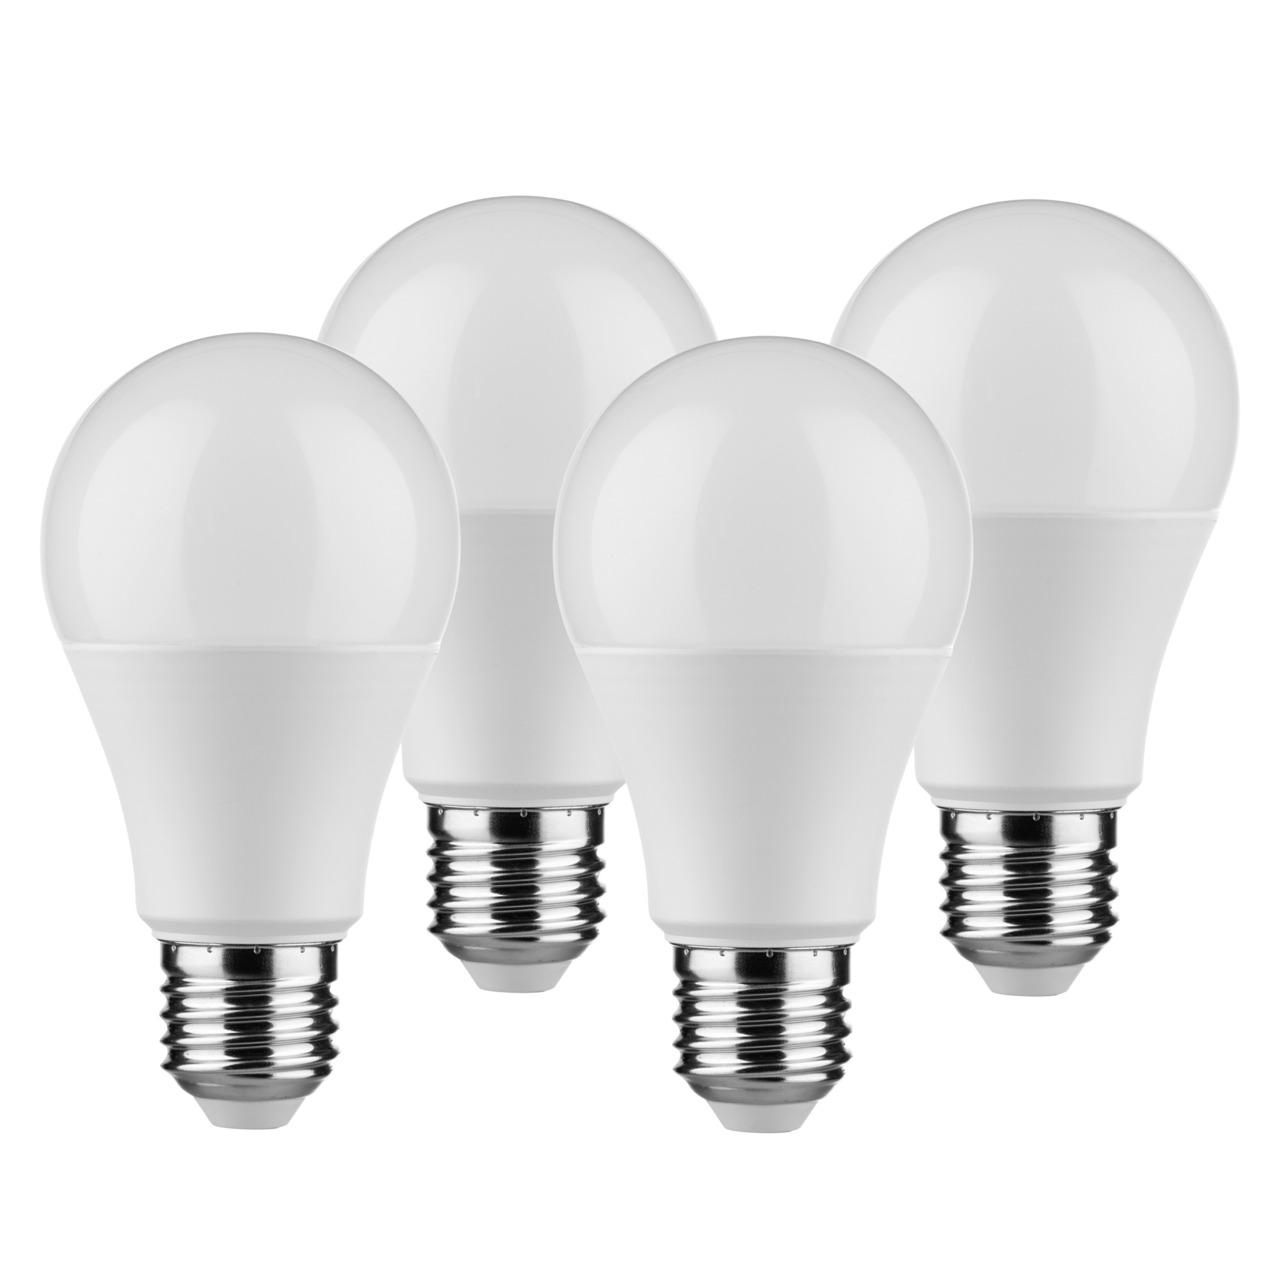 Mund-252 ller Licht 4er Pack 9-W-LED-Lampen E27- warmweiund-223 - 806 lm